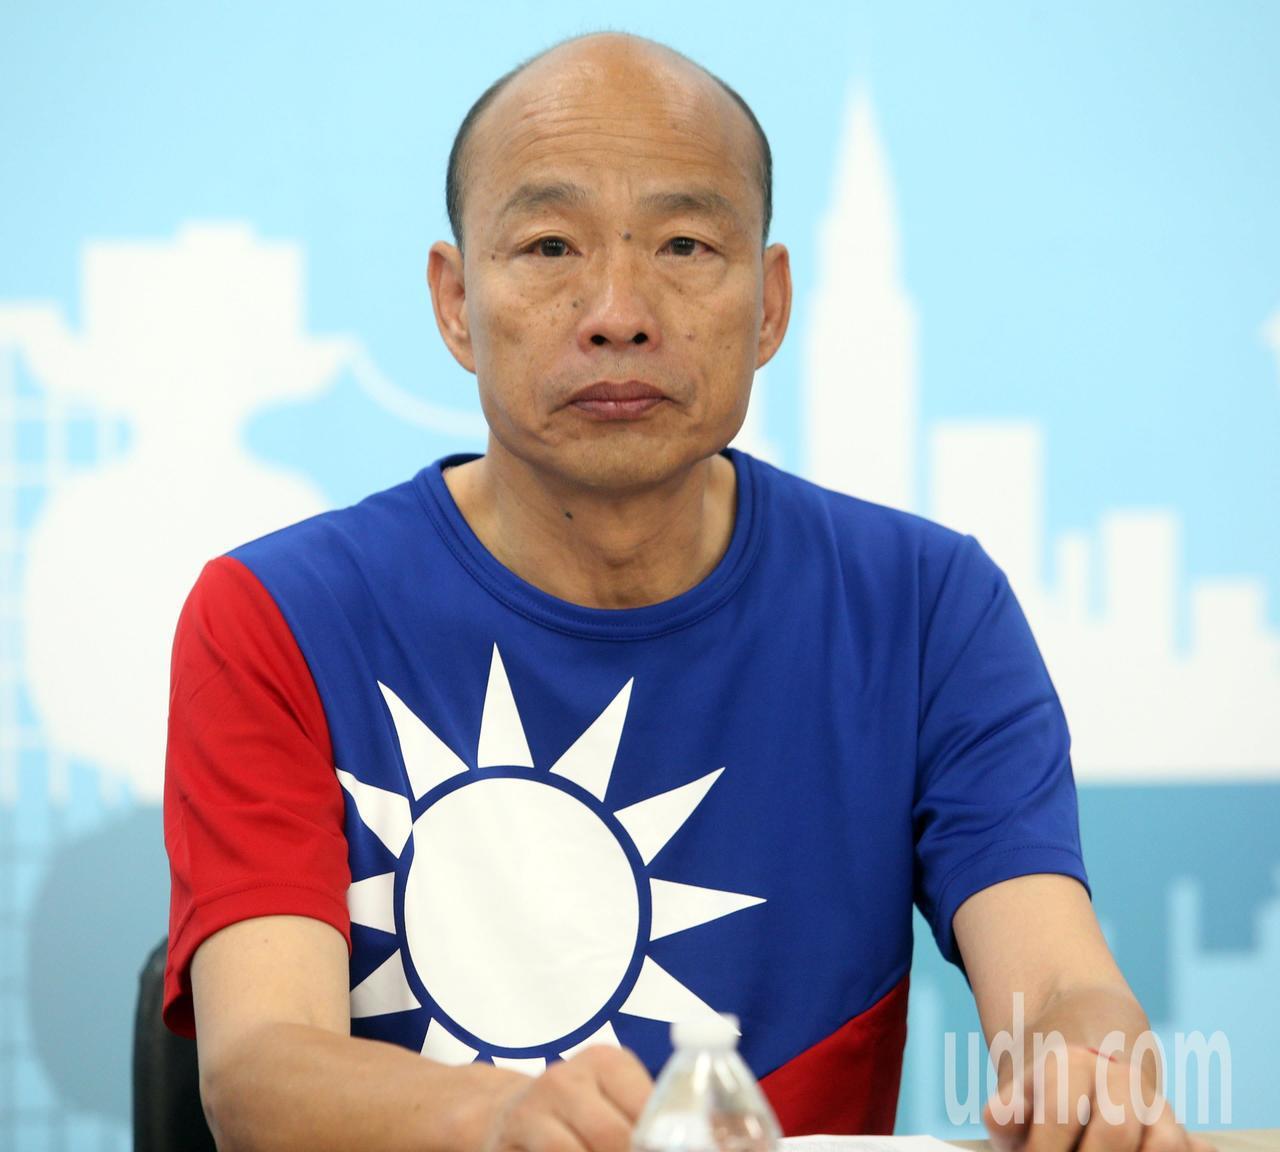 國民黨總統參選人韓國瑜強調有必要會拿槍捍衛中華民國。記者劉學聖/攝影